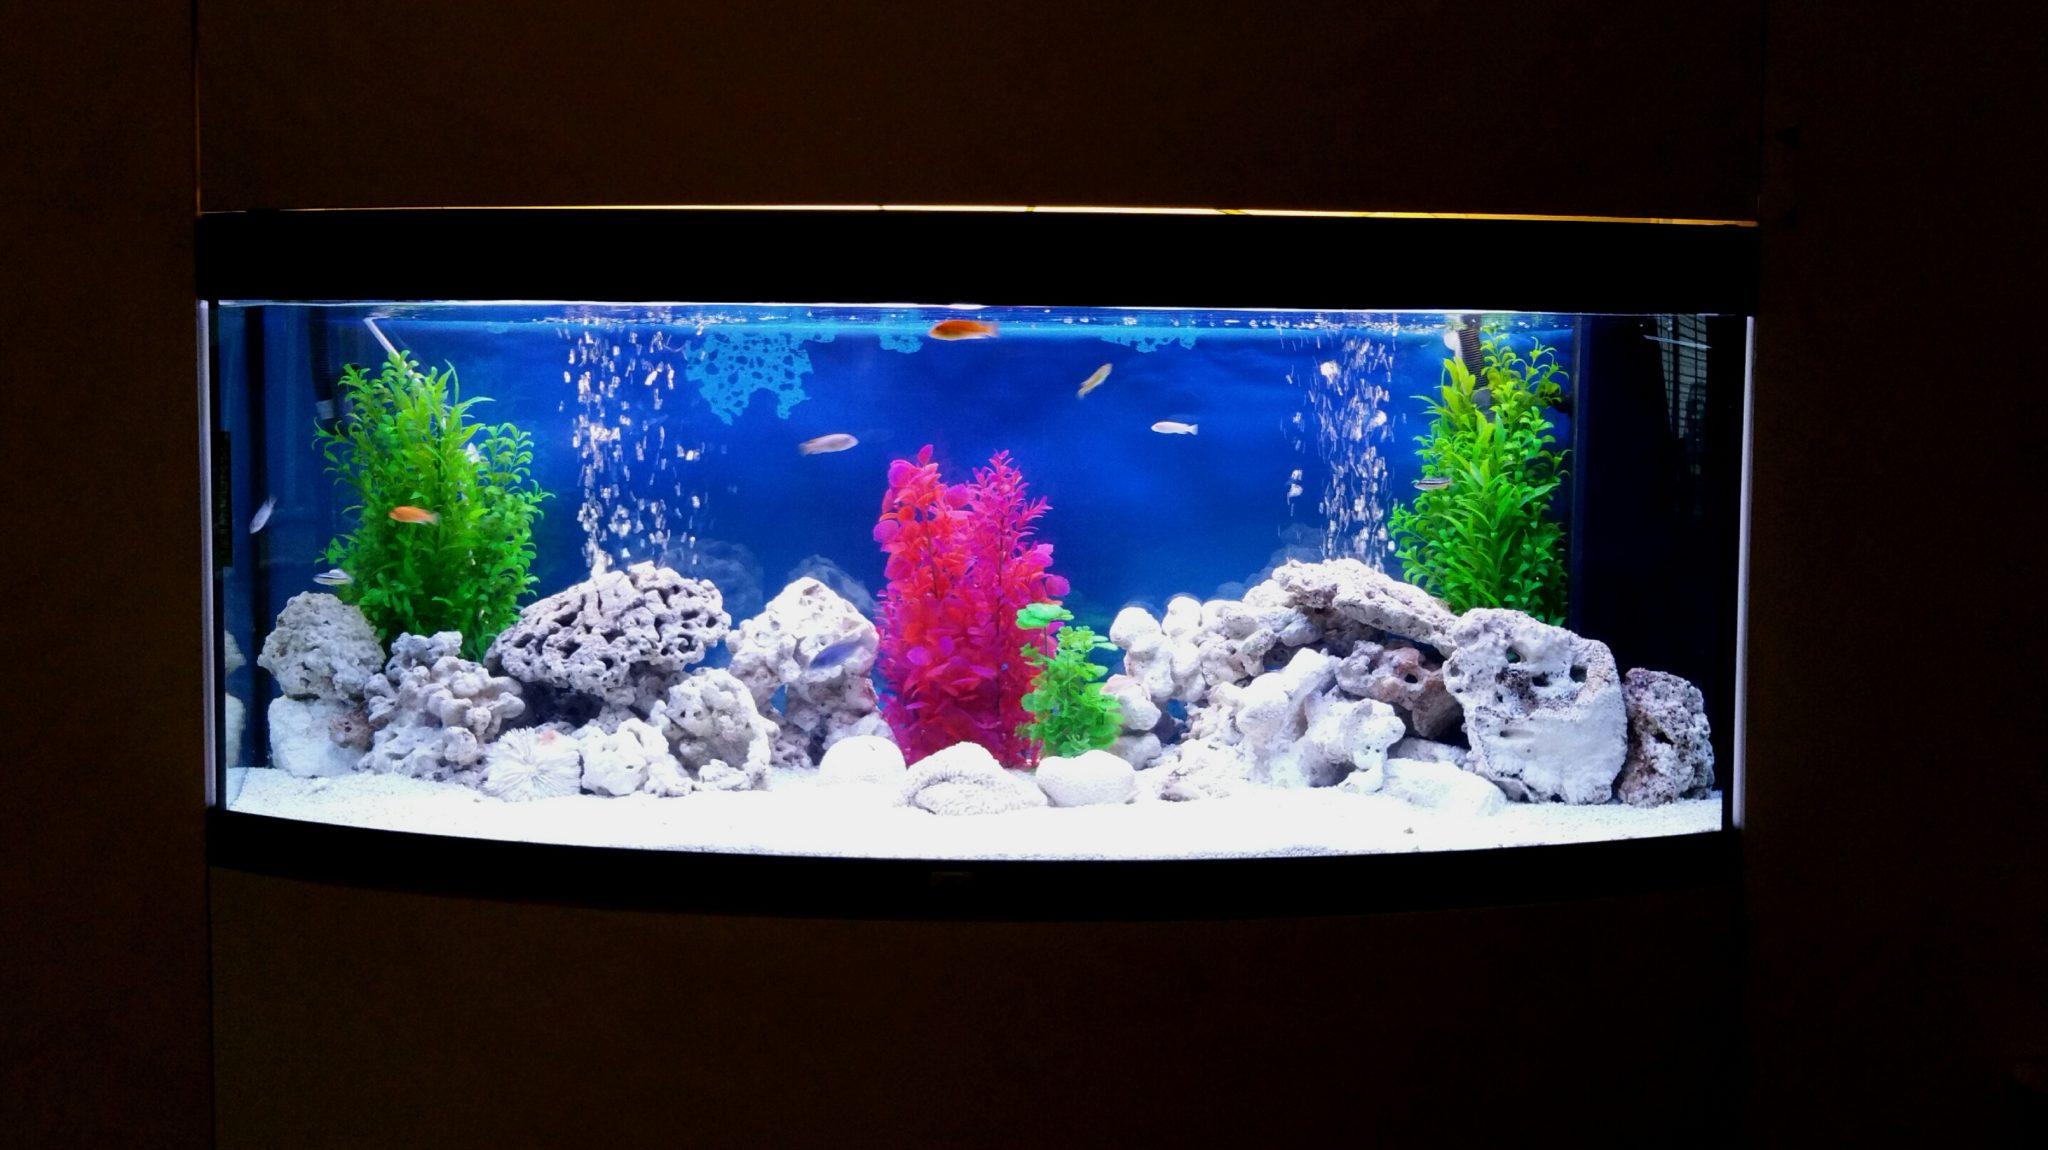 5 Foot In Wall Cichlid Aquarium